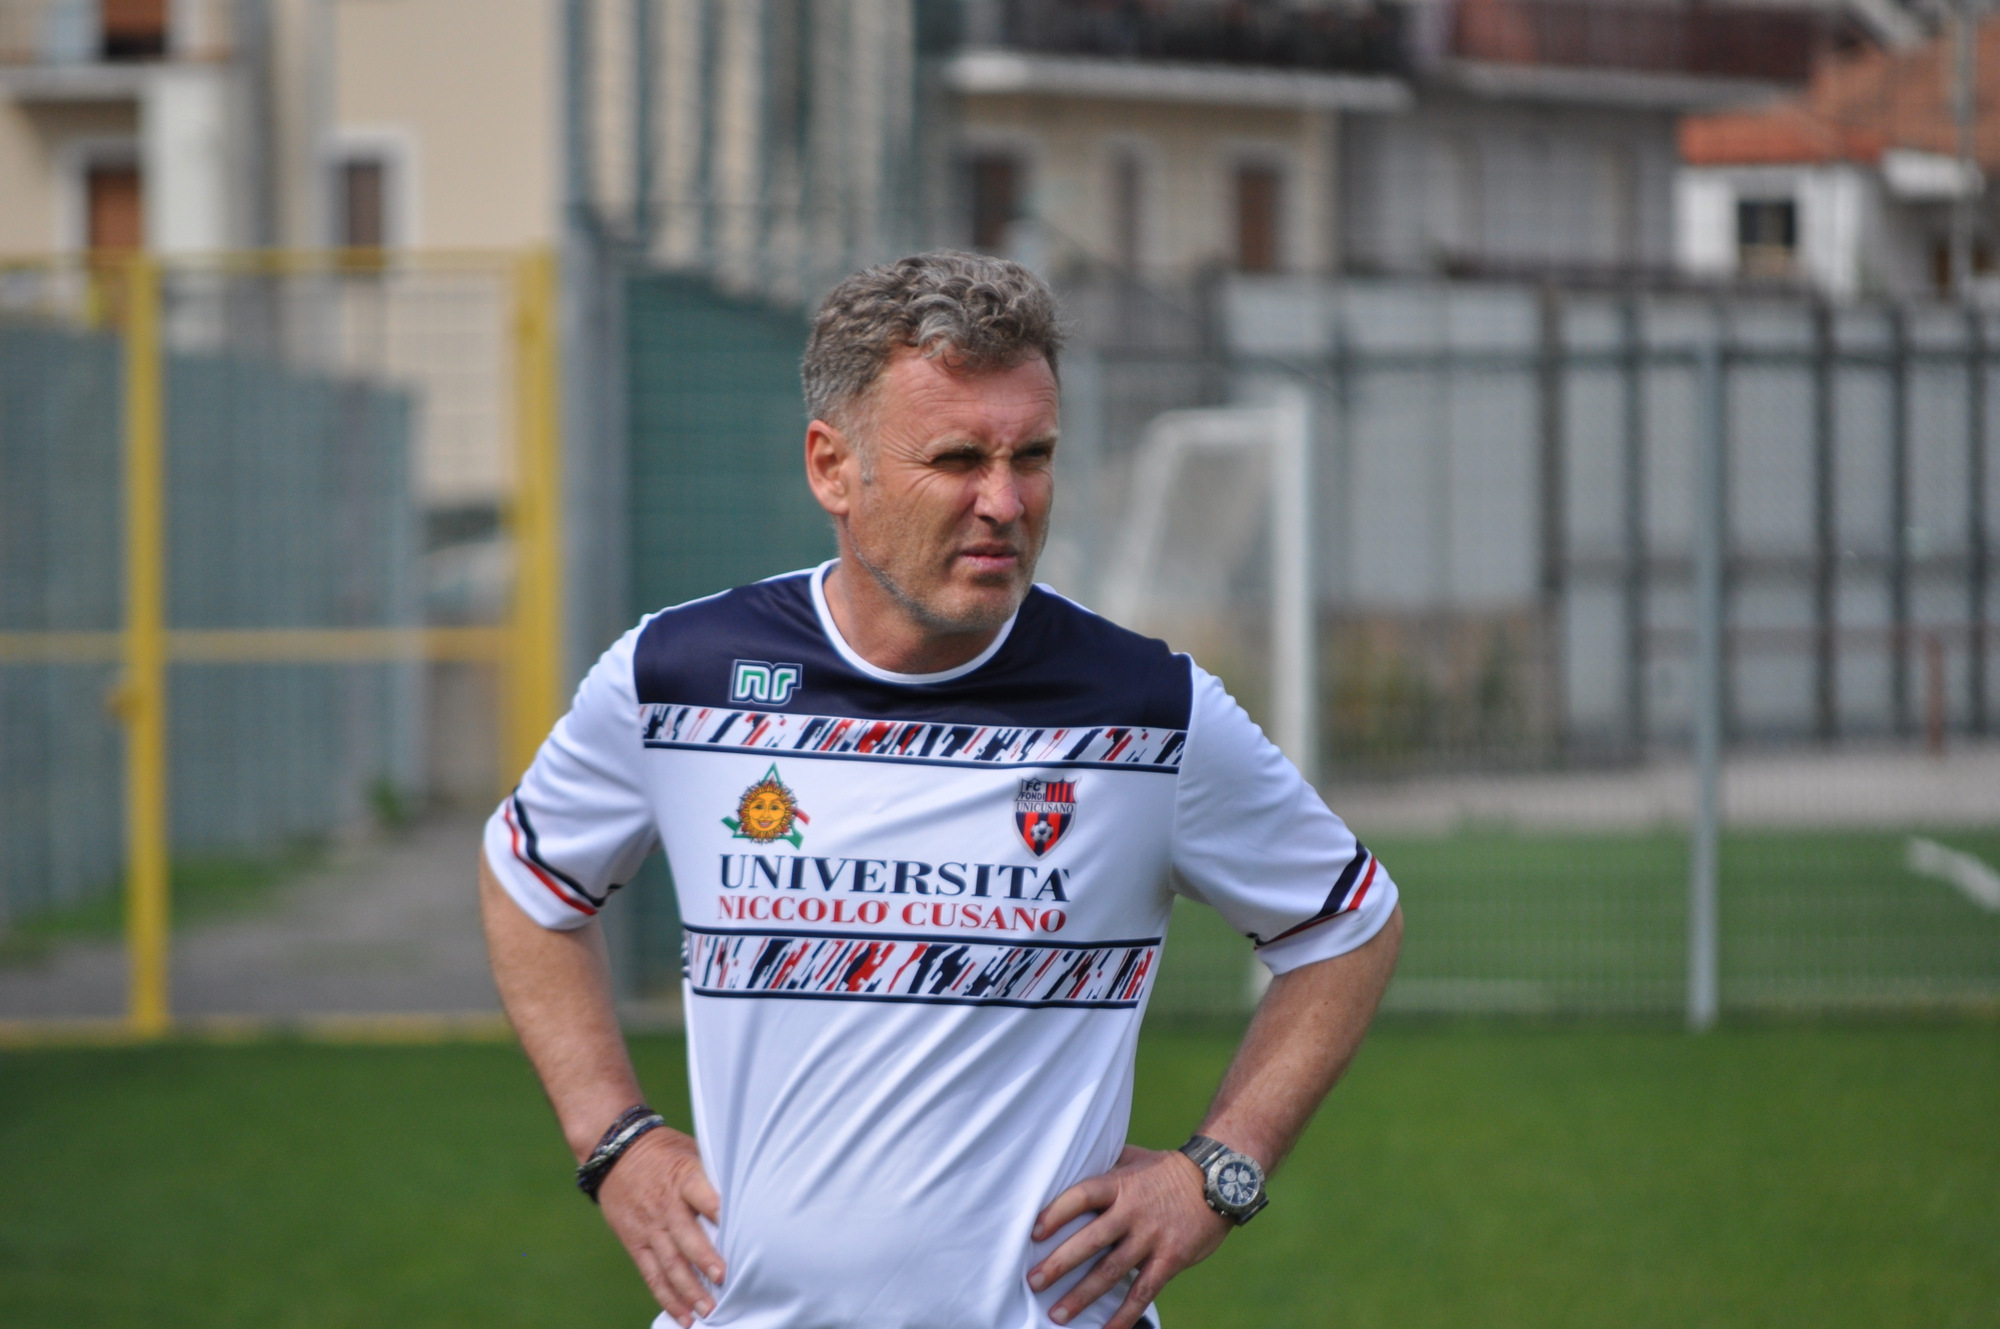 Prima amichevole ok per l'Unicusano Fondi Calcio: la soddisfazione di Pochesci